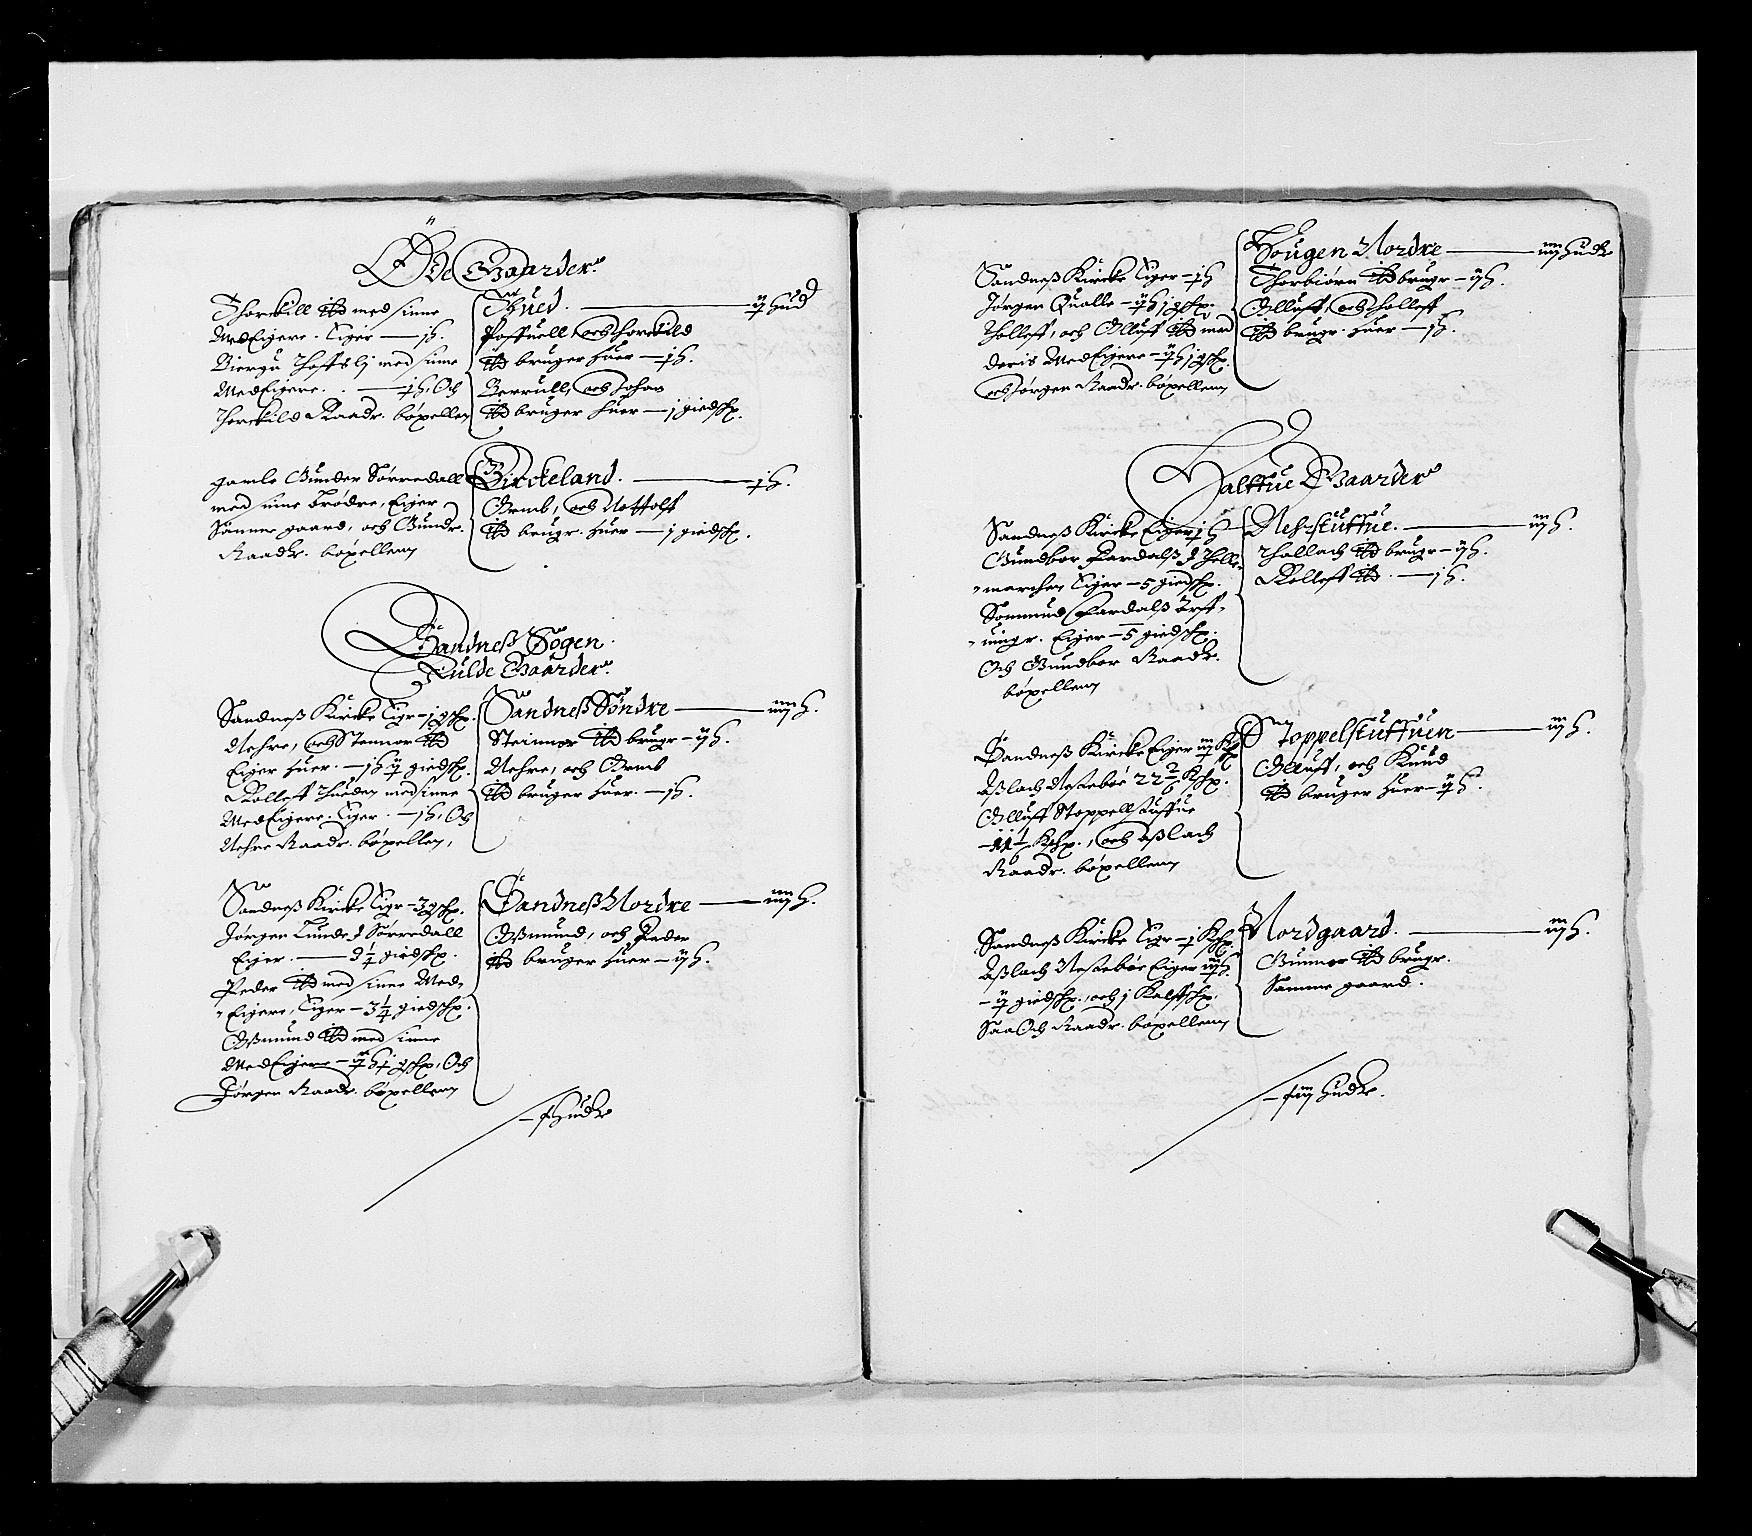 RA, Stattholderembetet 1572-1771, Ek/L0023: Jordebøker 1633-1658:, 1648-1649, s. 19